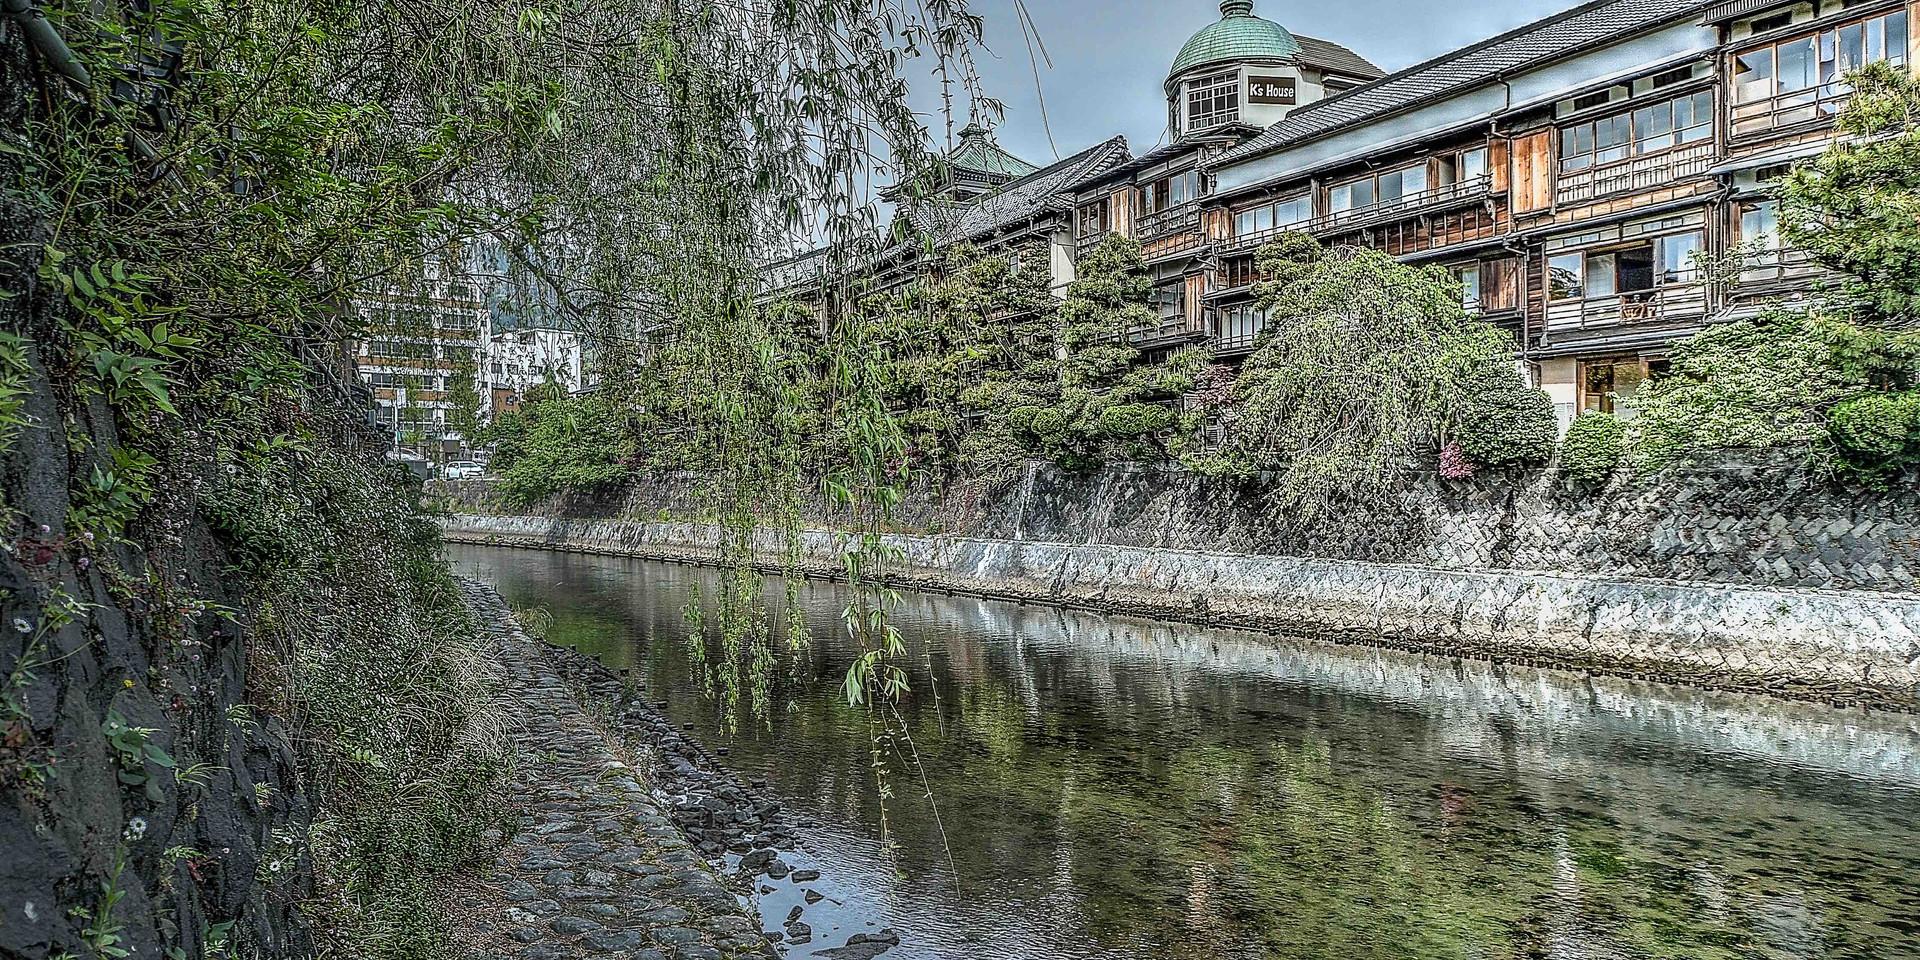 伊東松川の景観